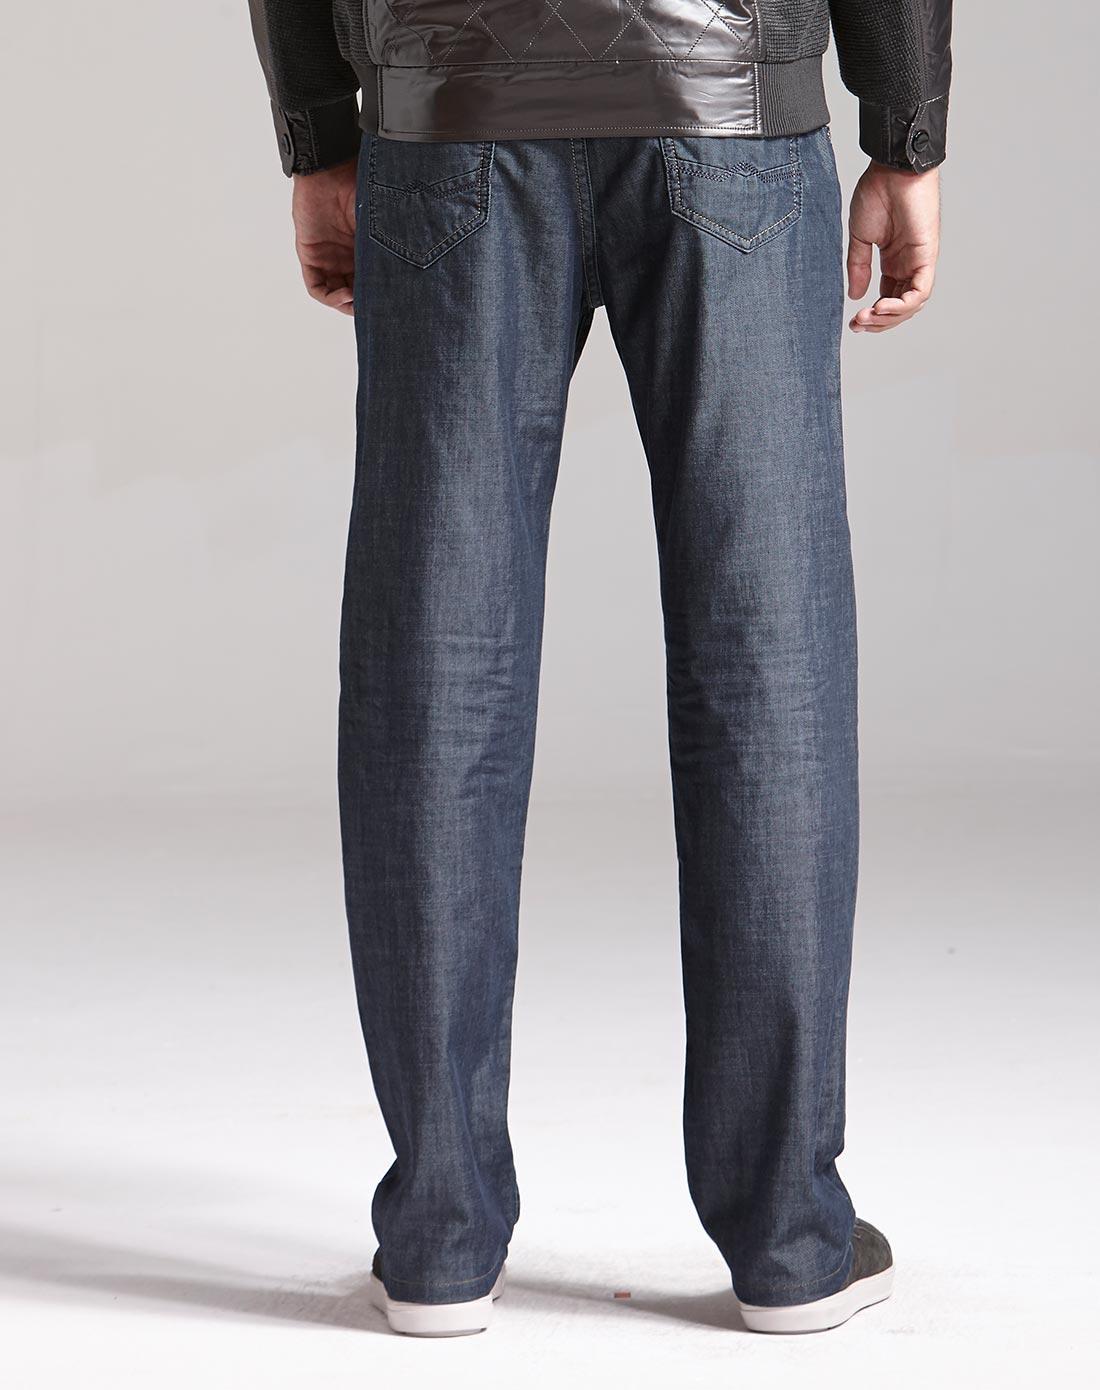 niao男士深蓝牛仔裤1021201220